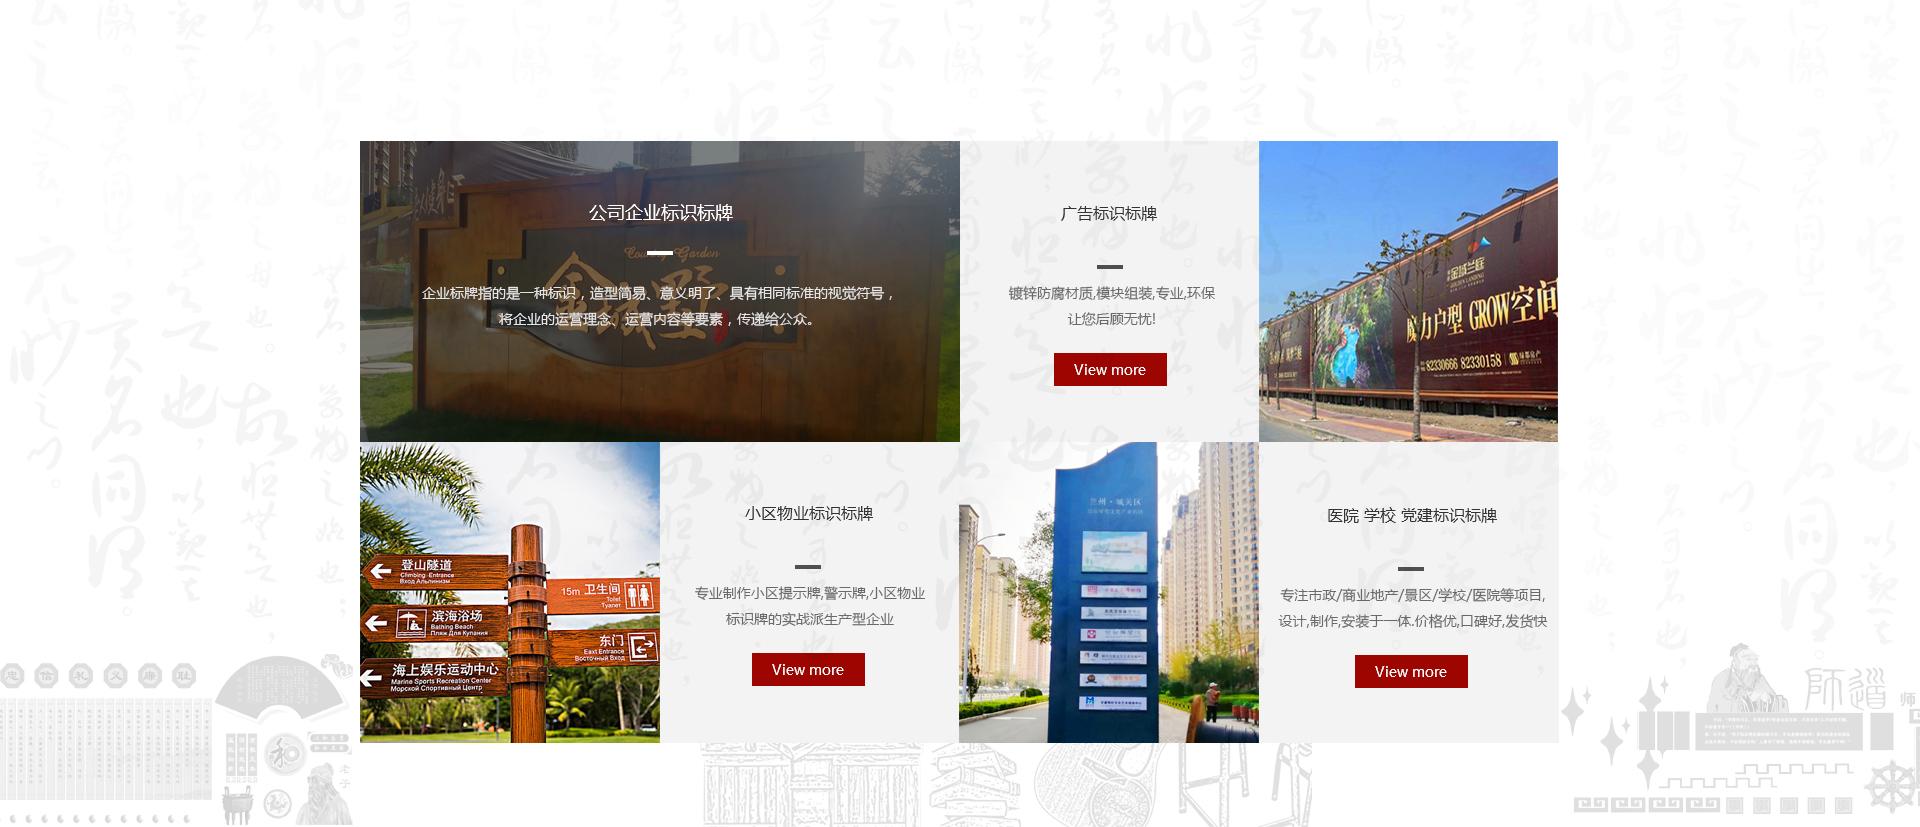 甘肃天艺源文化传媒有限公司,是一家专注于兰州公司标识标牌、企业标识标牌制作的企业。